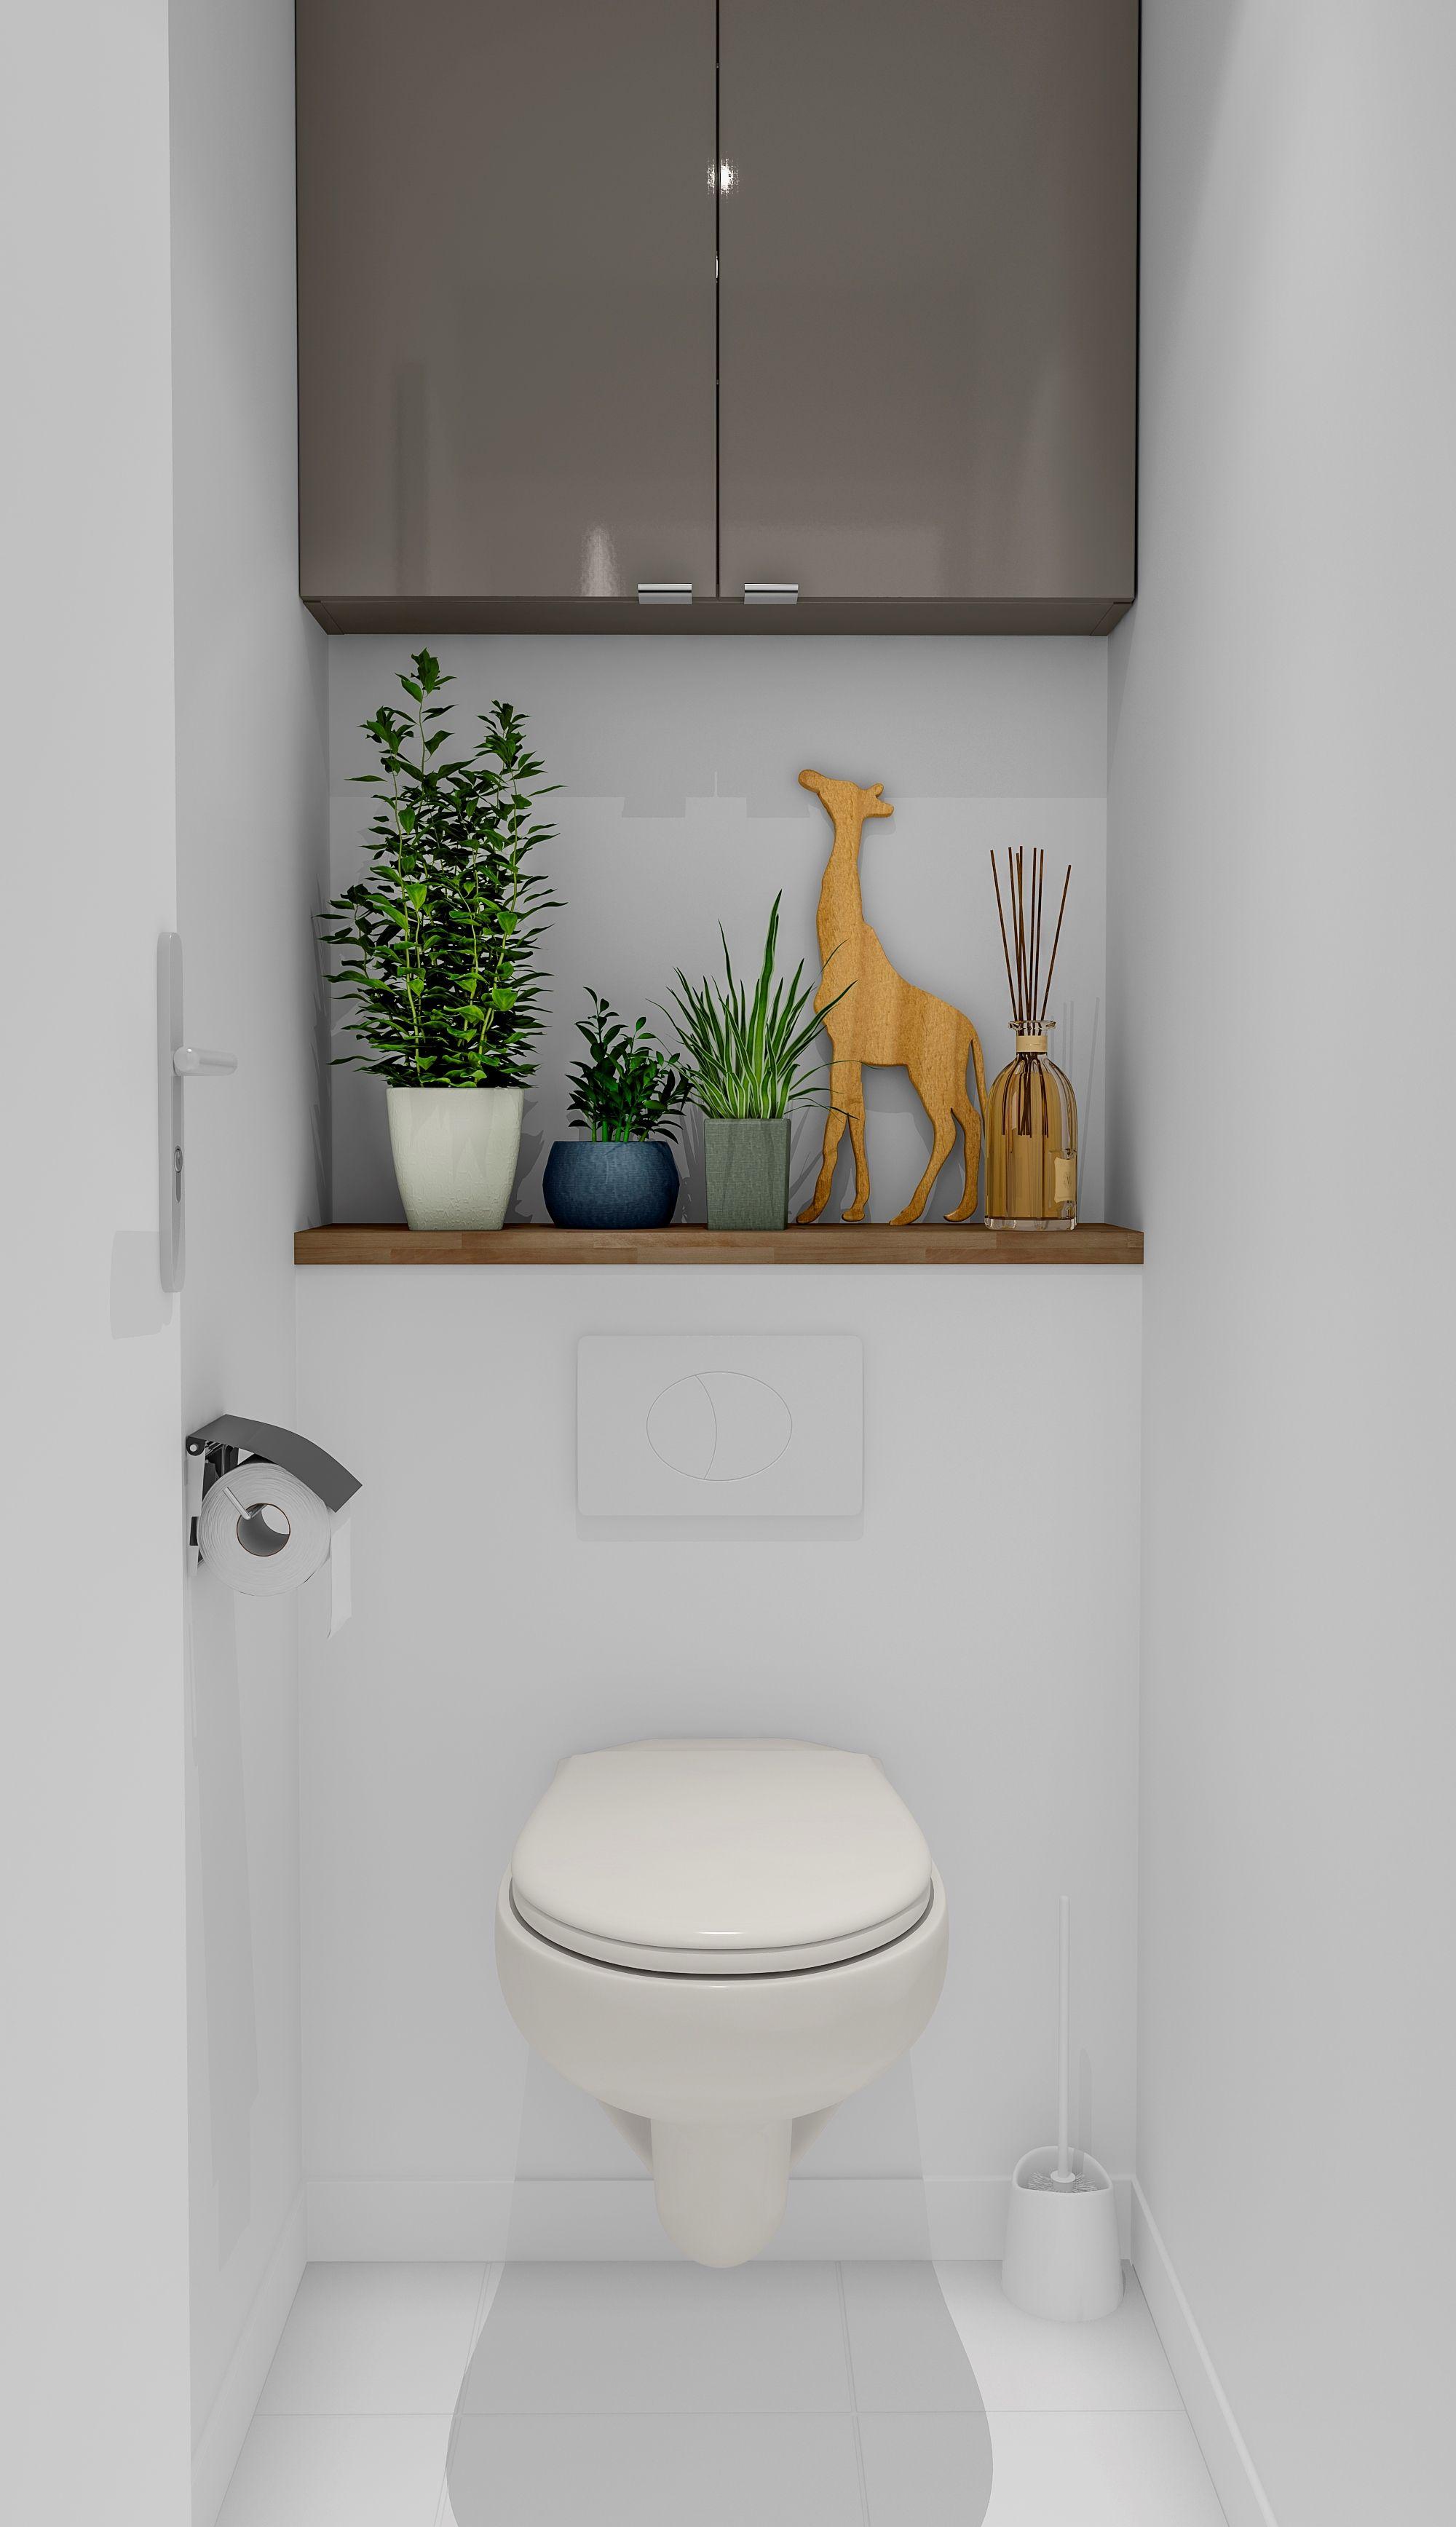 installez des toilettes separes dans la